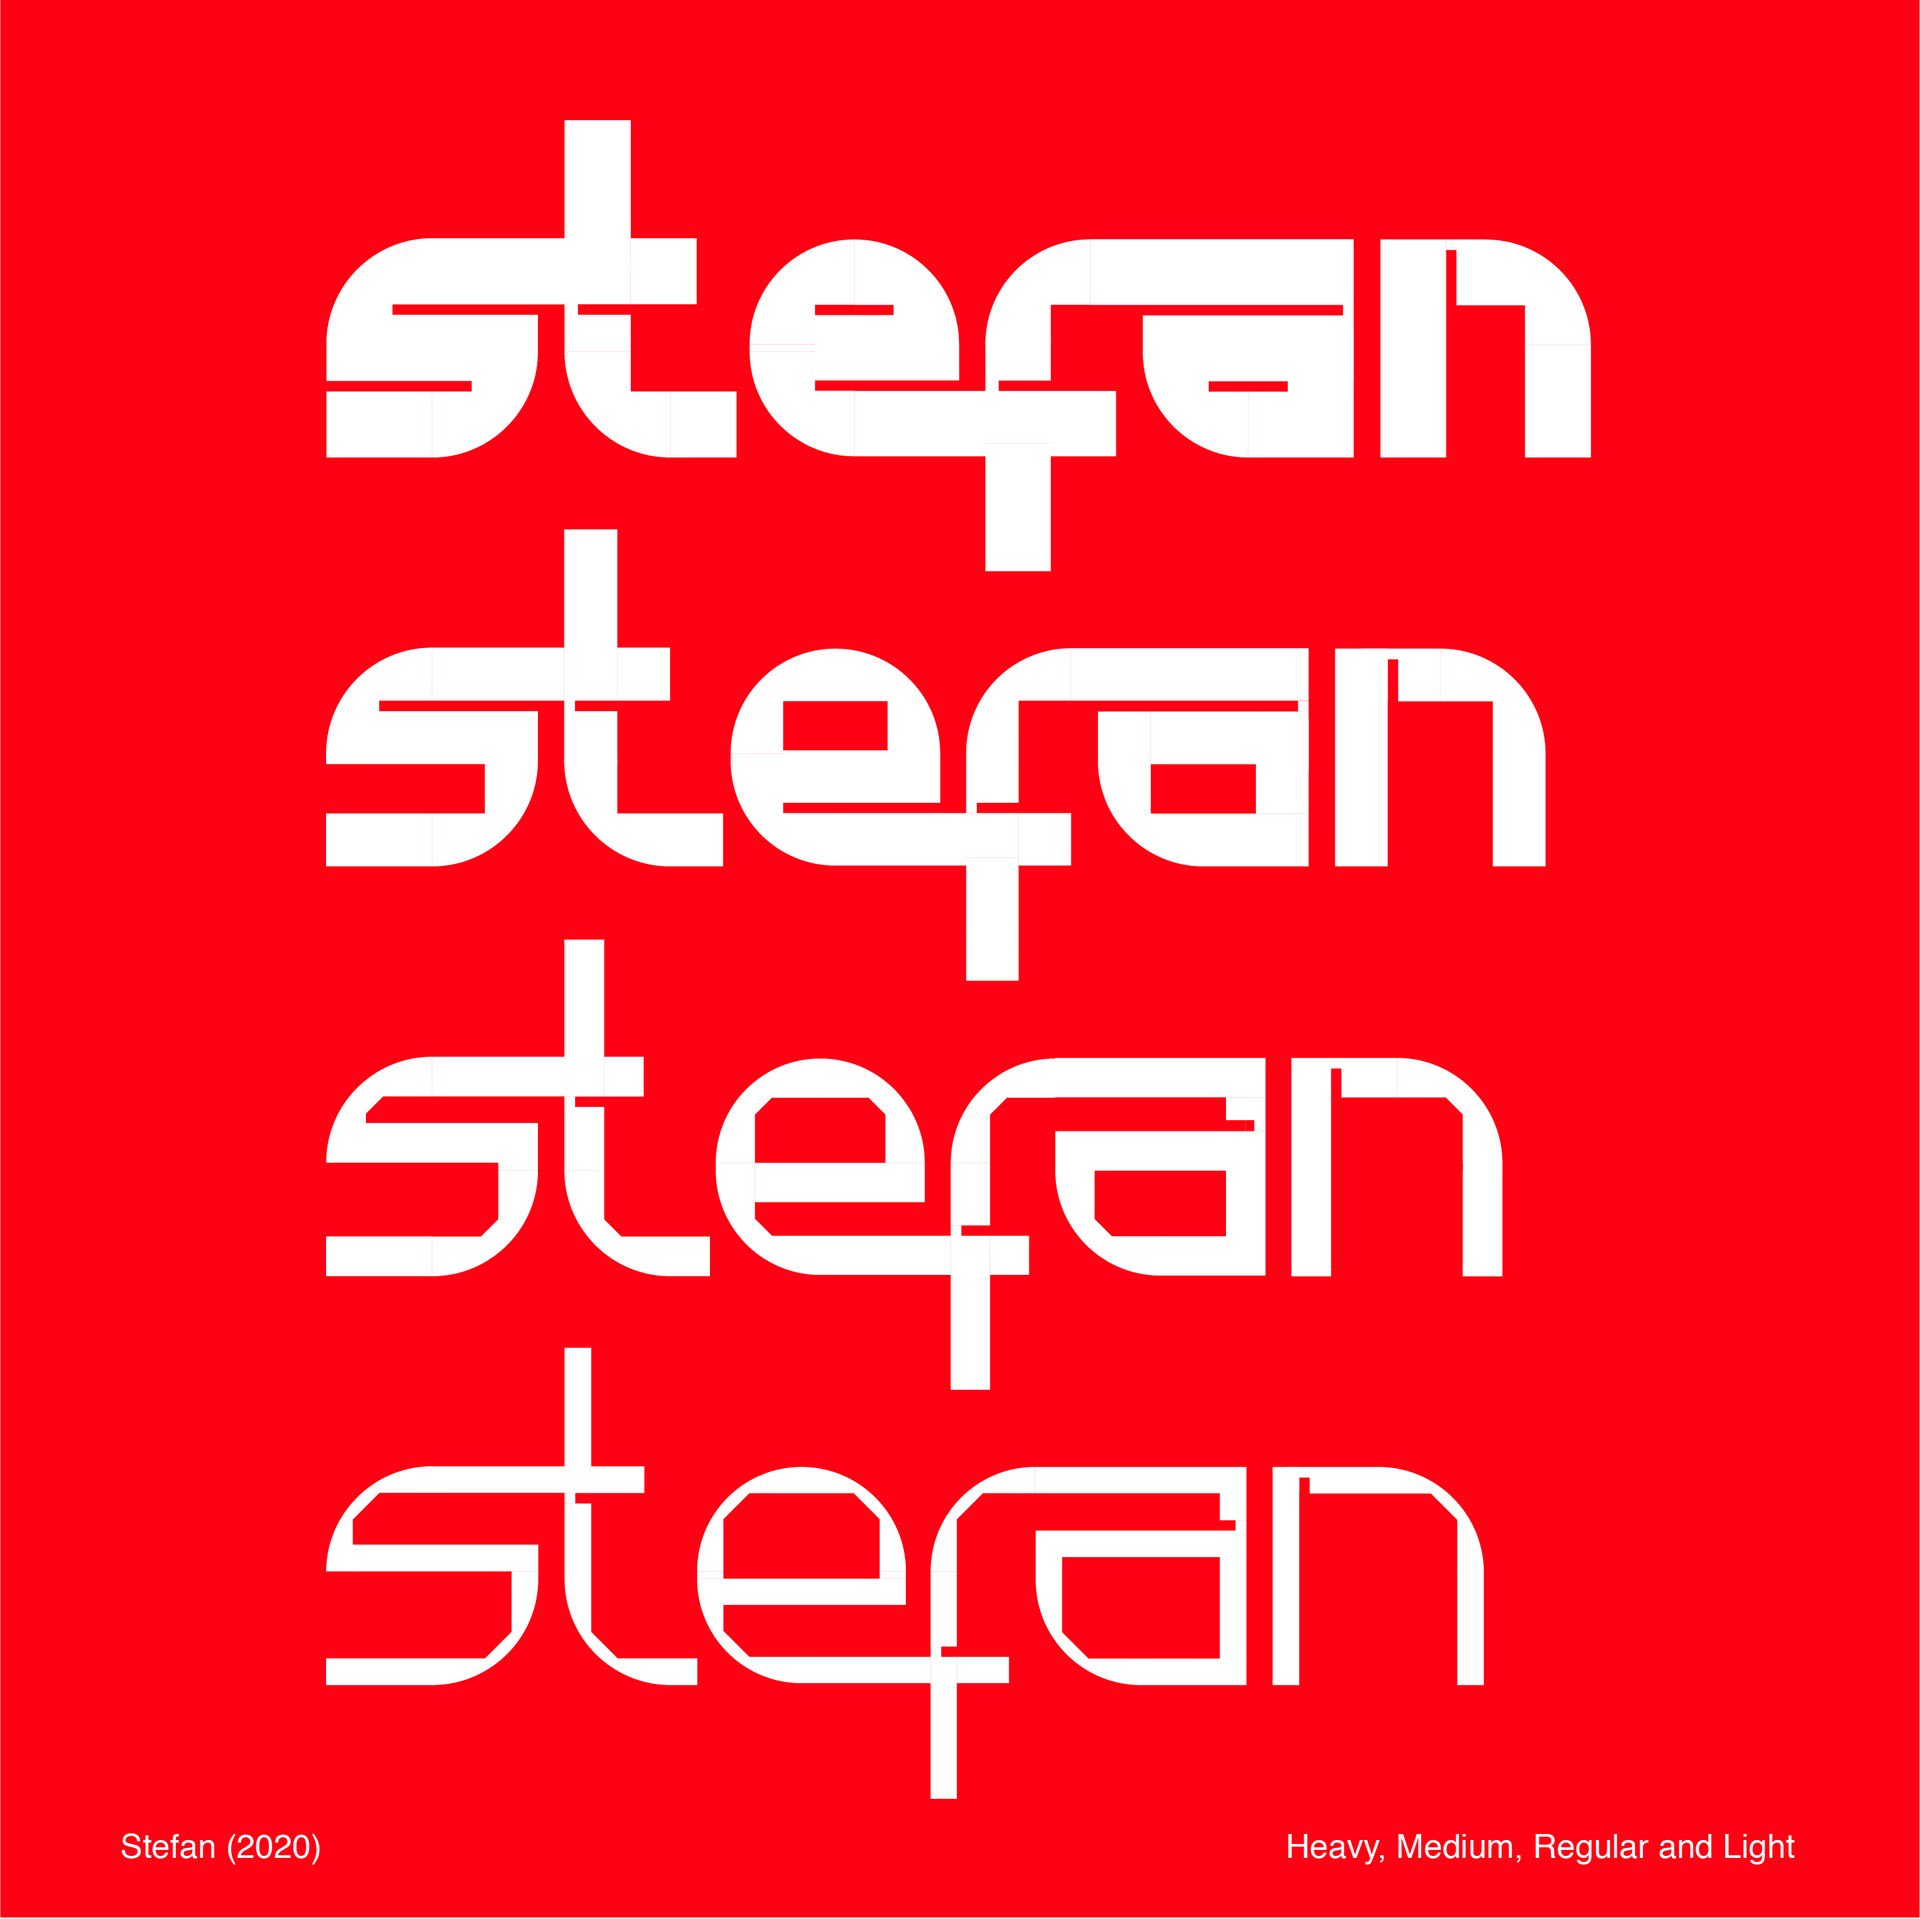 Stefan: Heavy, Medium, Regular and Light